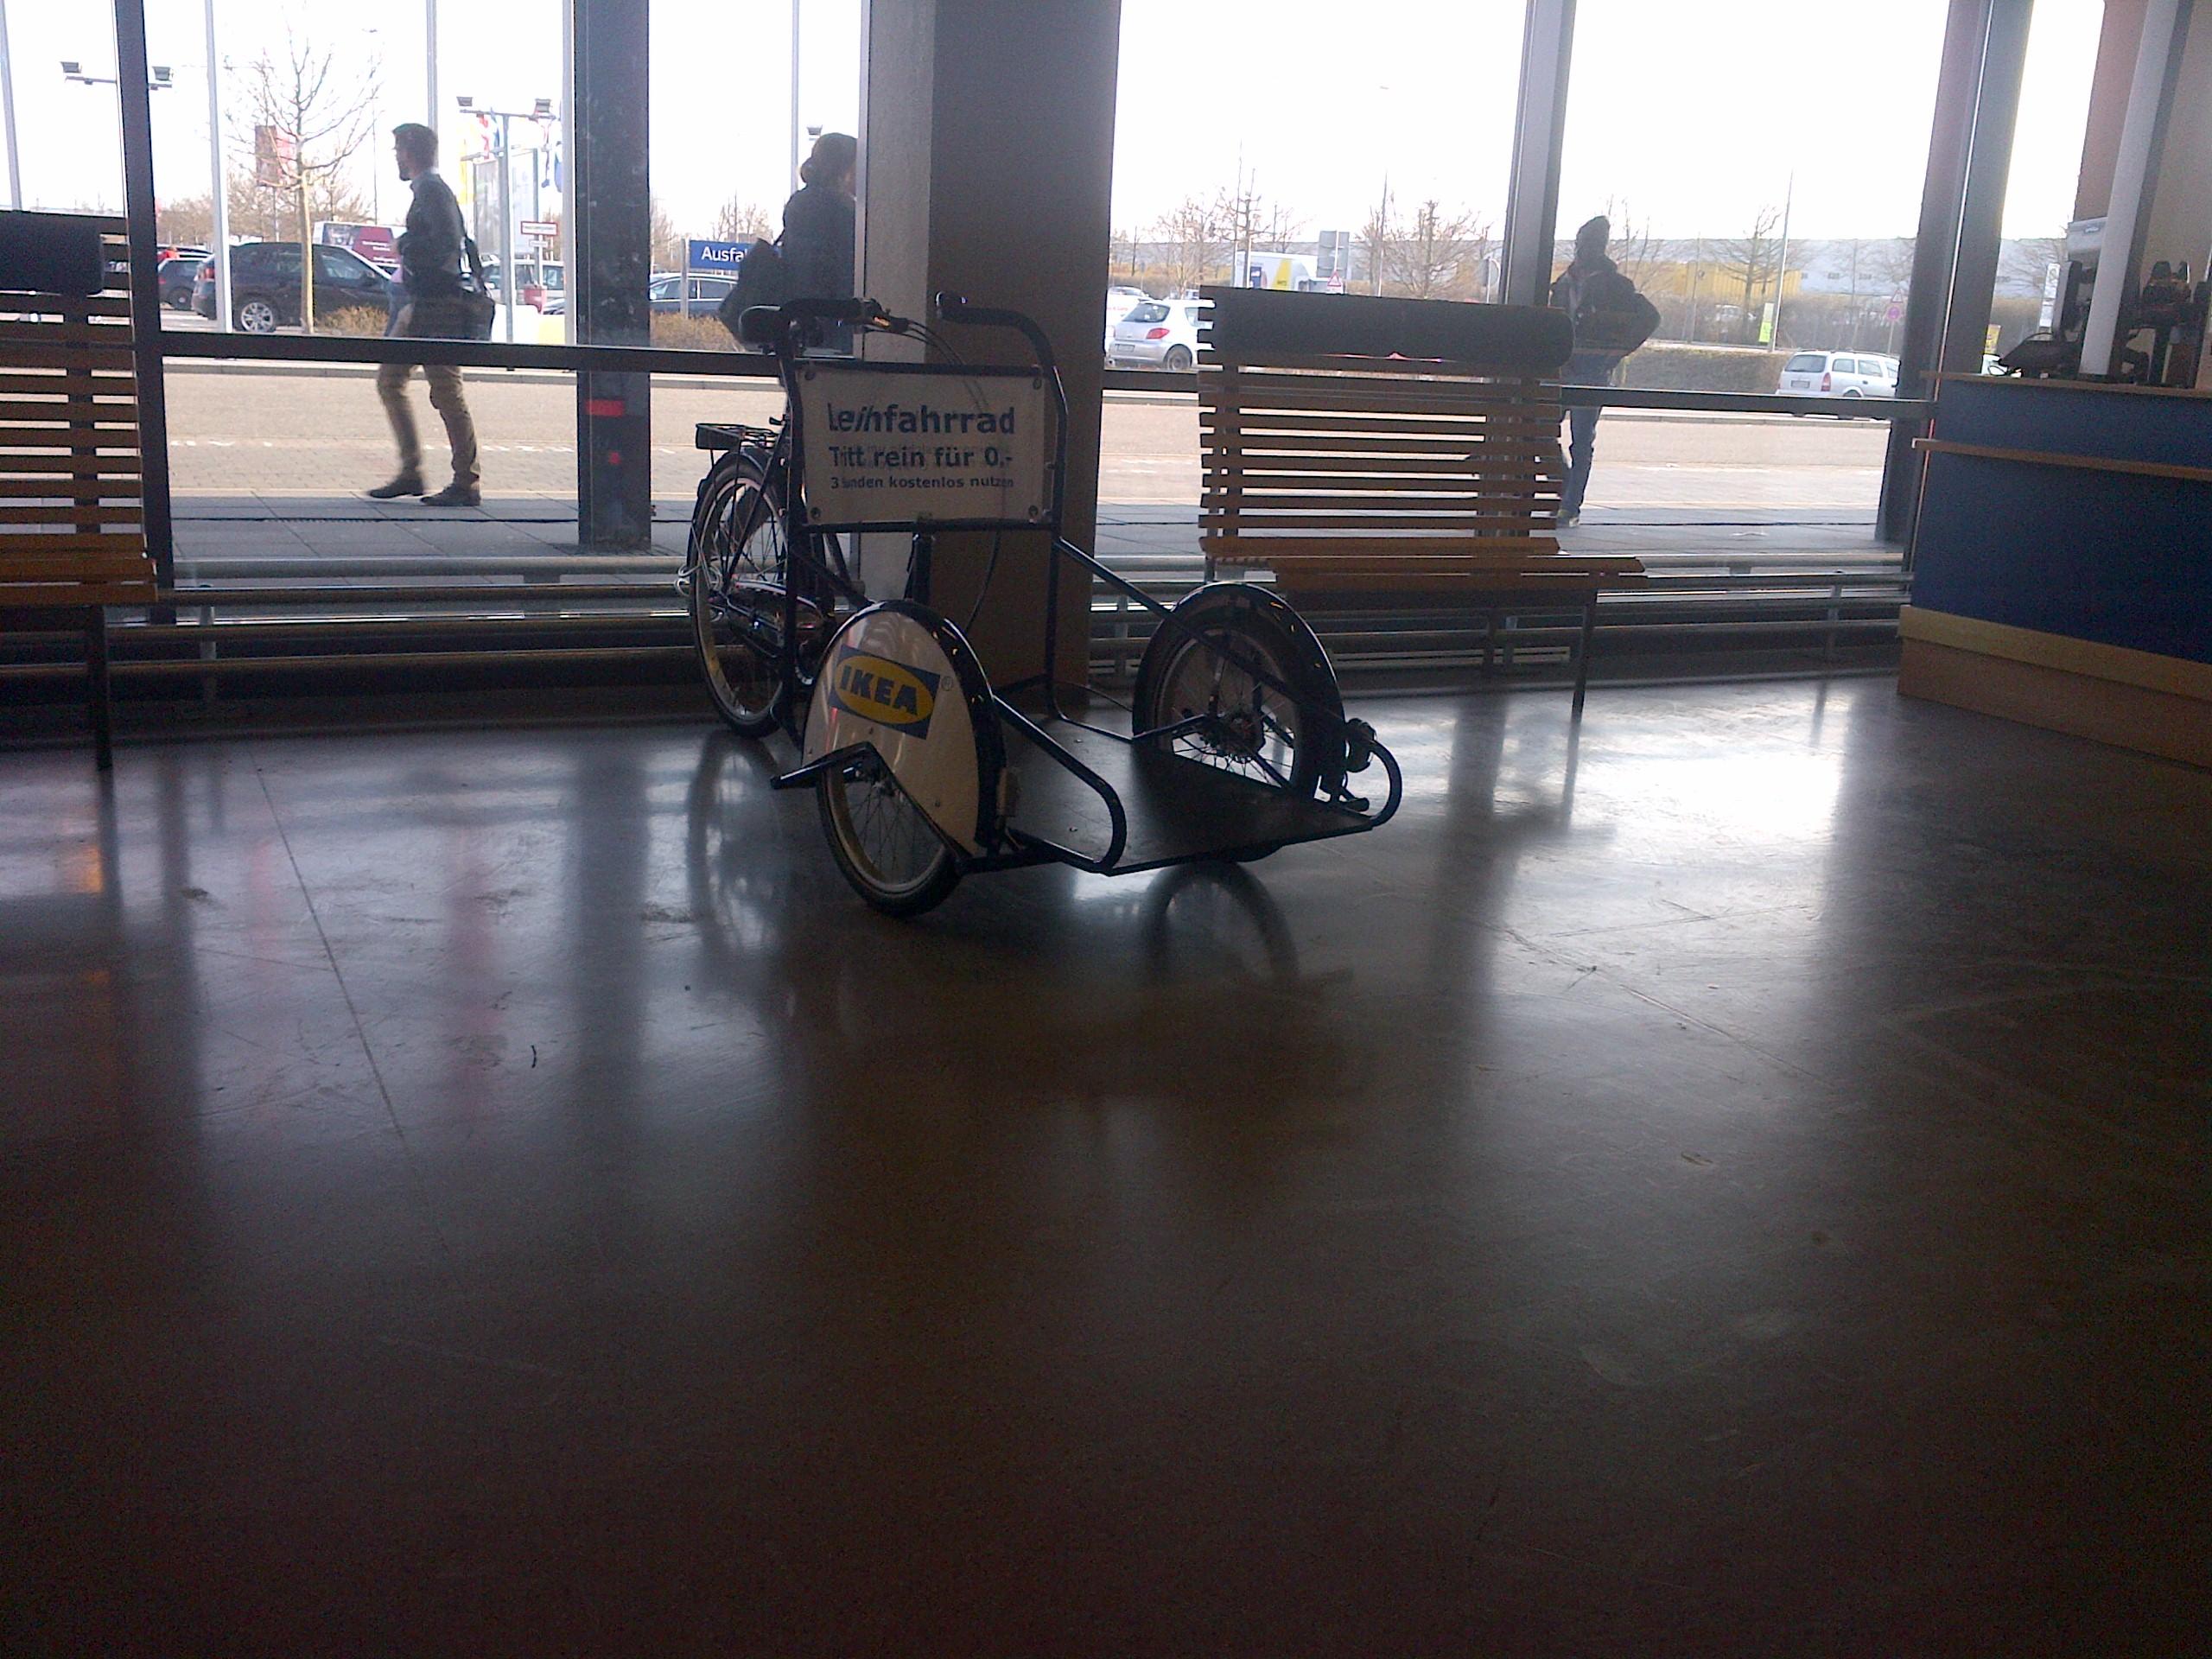 lastenr der ausleihen in augsburg teil 1 das ikea rad bikekitchen augsburg. Black Bedroom Furniture Sets. Home Design Ideas